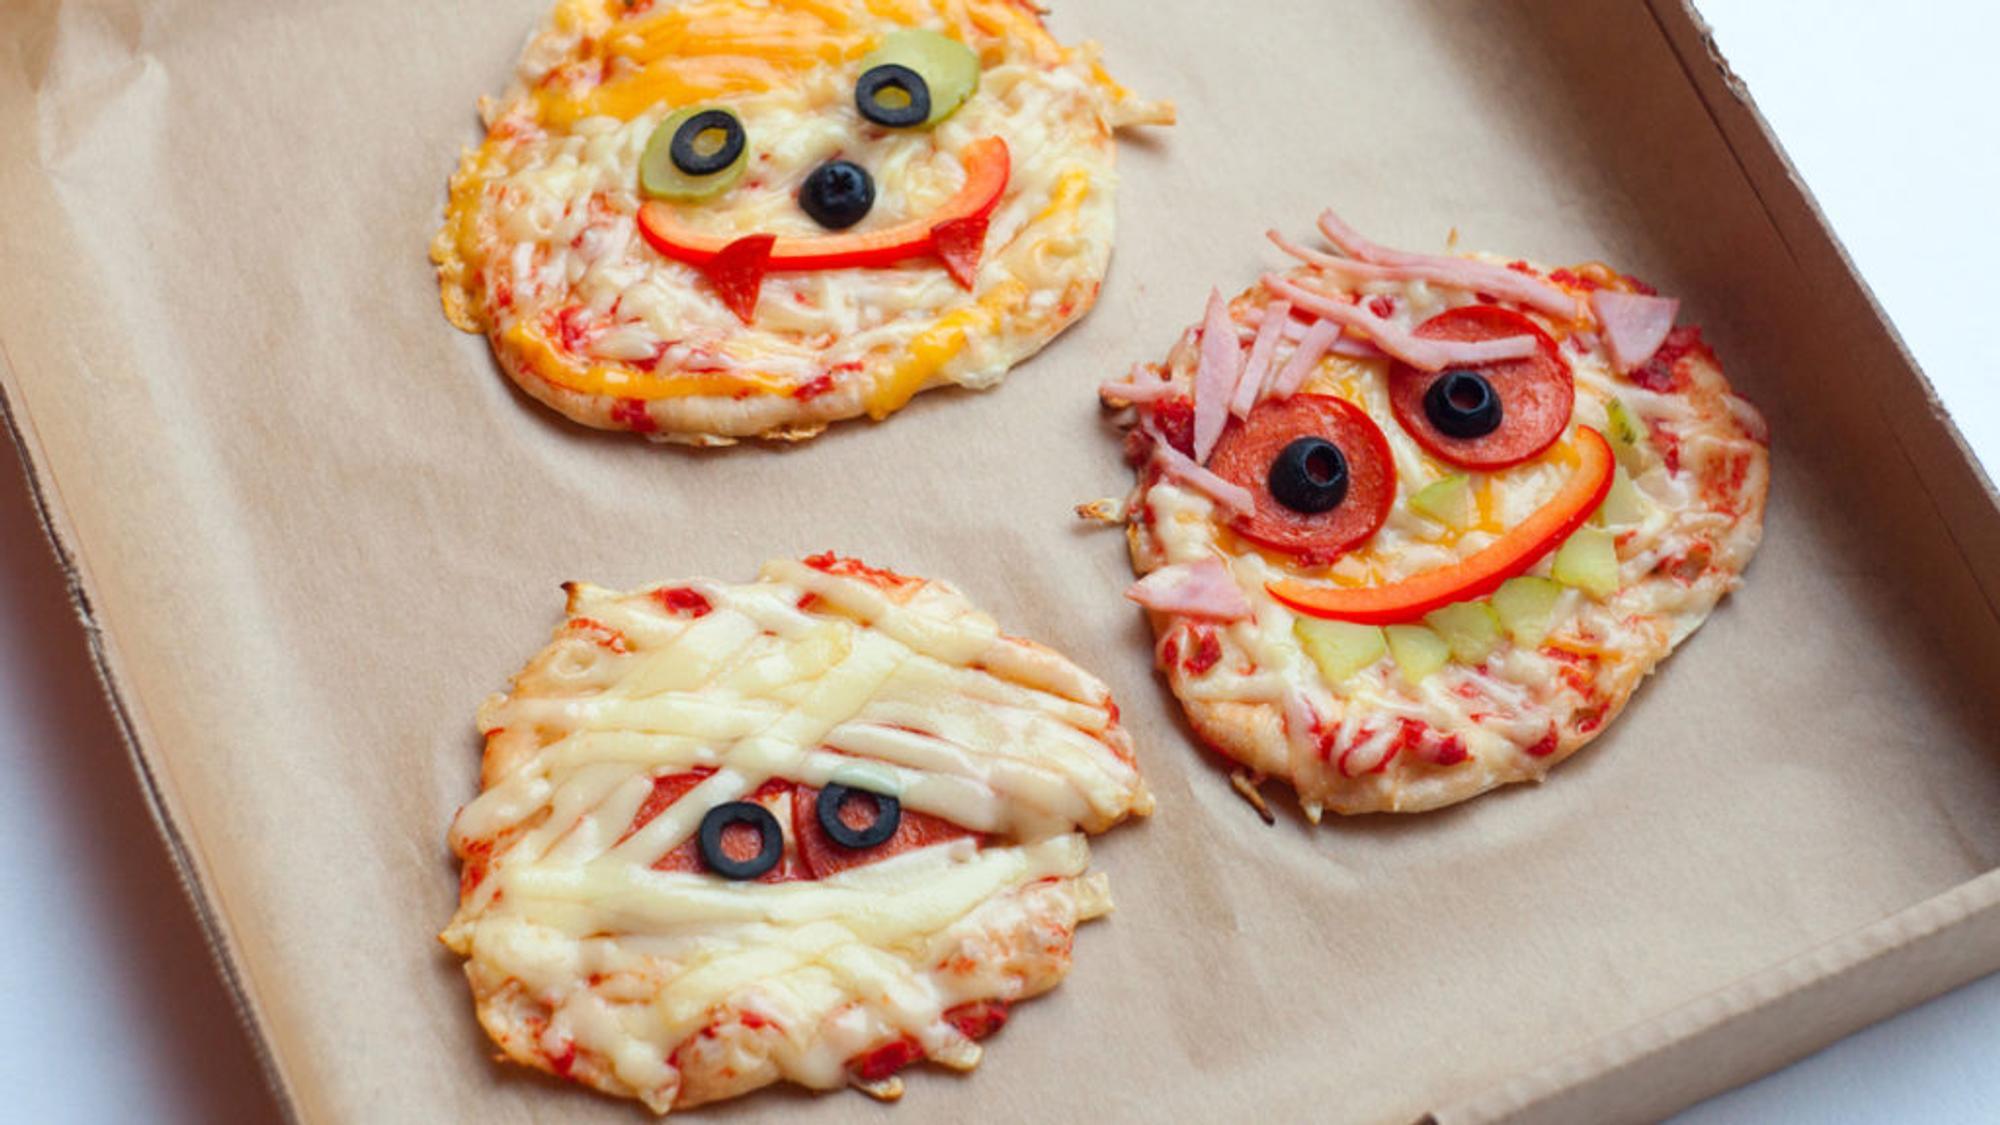 Halloween Ideen Essen.Halloween Rezepte Ideen Fur Gruseliges Halloween Essen